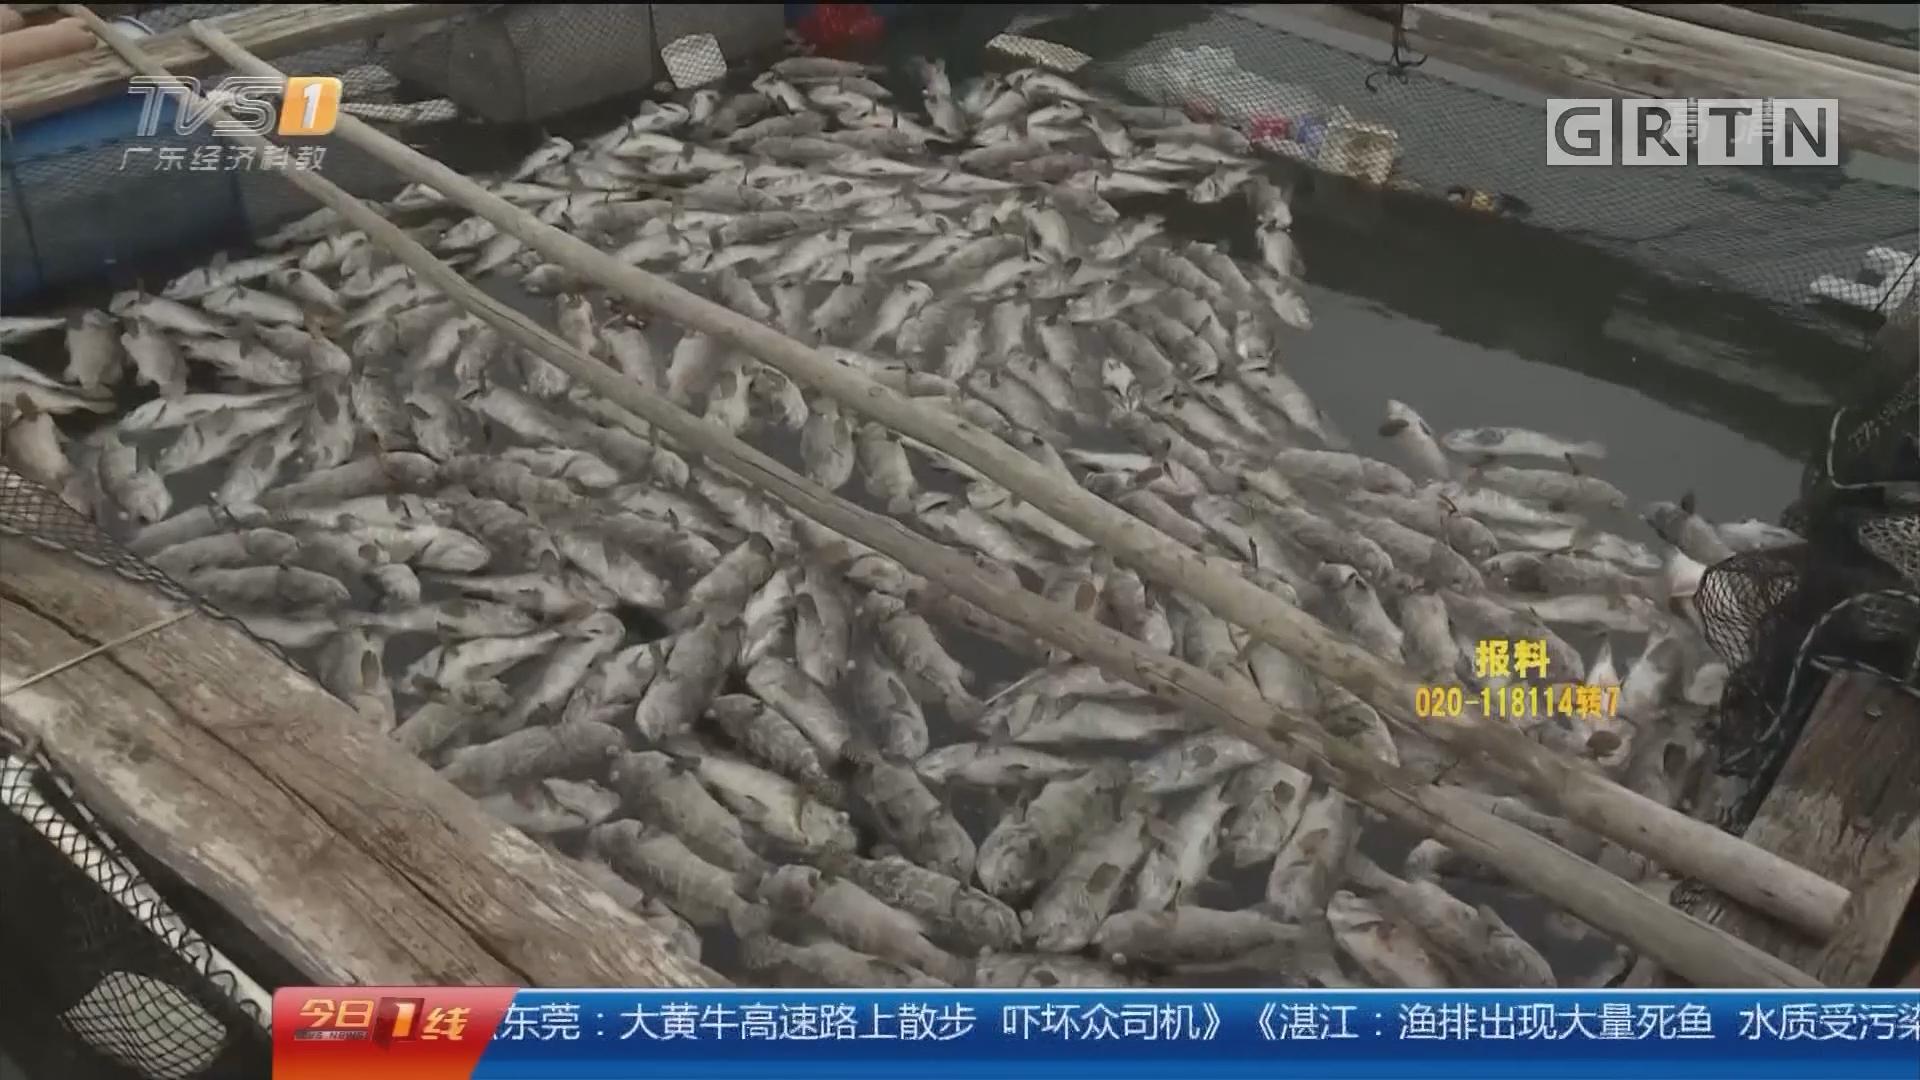 湛江雷州:渔排出现大量死鱼 环保部门抽水样检查